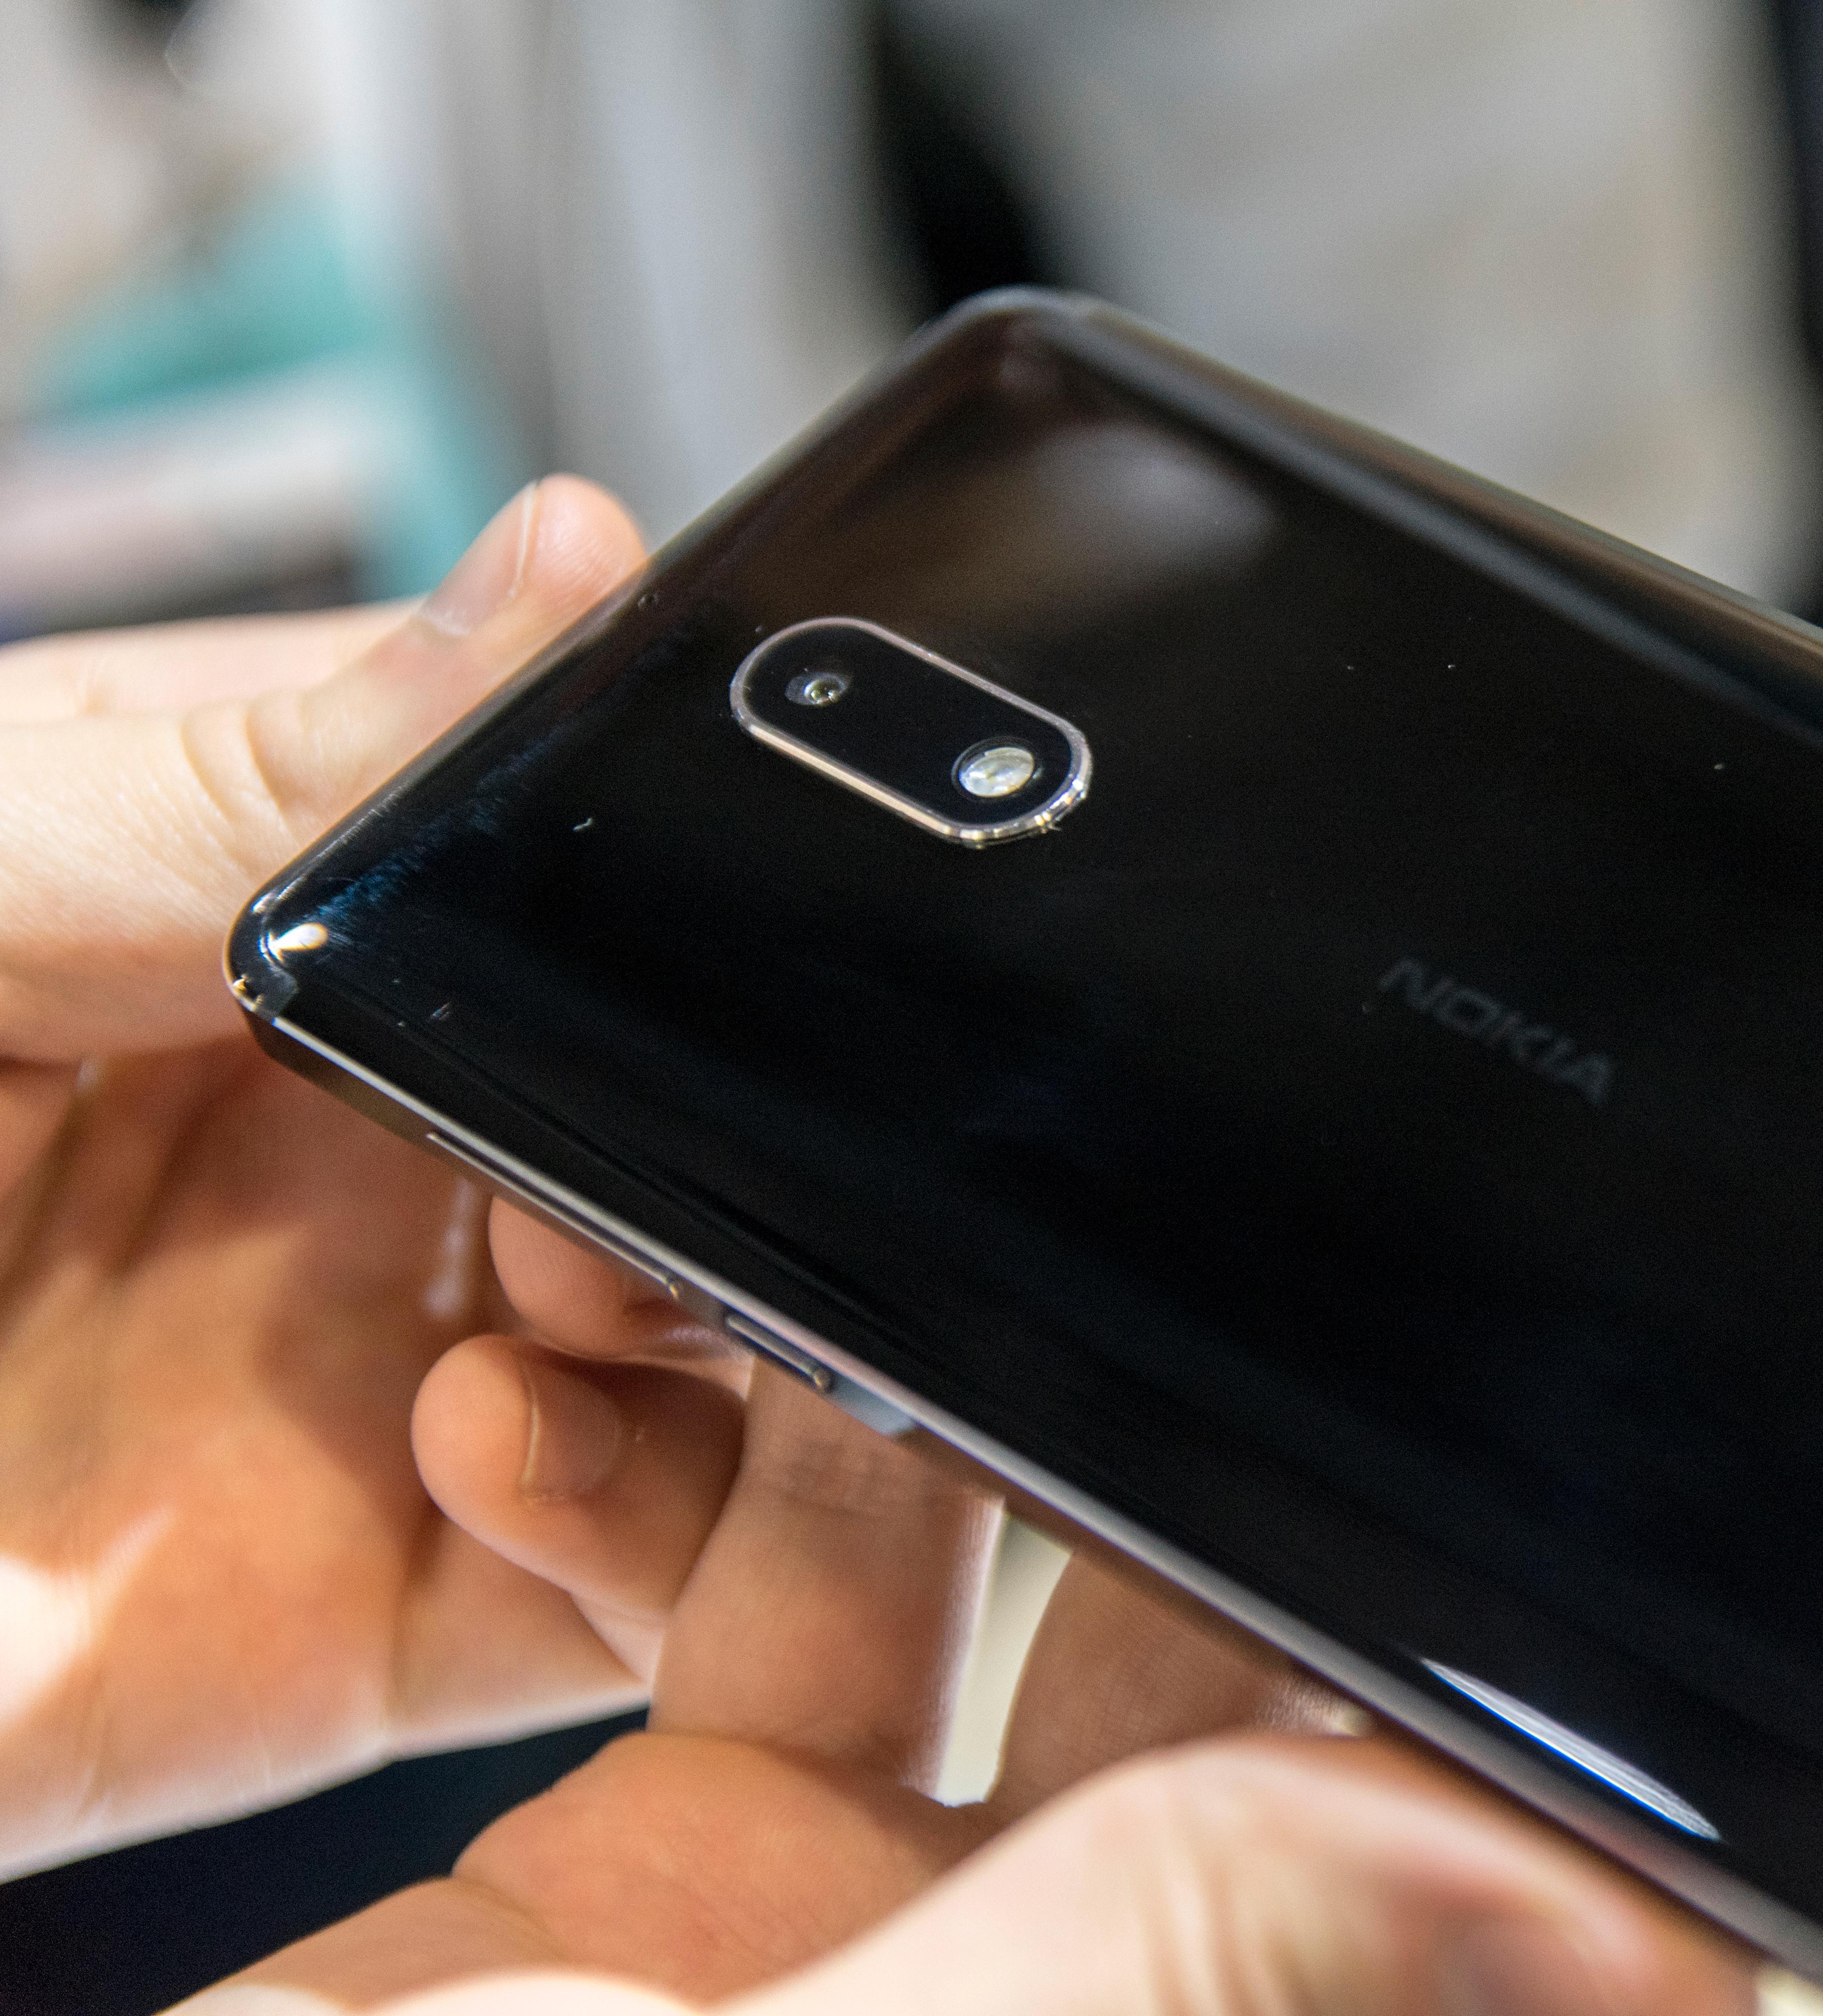 Nokia 6 i spesialutgave er er en speilblank fingeravtrykksmagnet, men den så enda noen hakk fjongere ut enn de andre variantene. Som regel blir mobilene greit pusset av stadige turer opp og ned av lommene uansett.